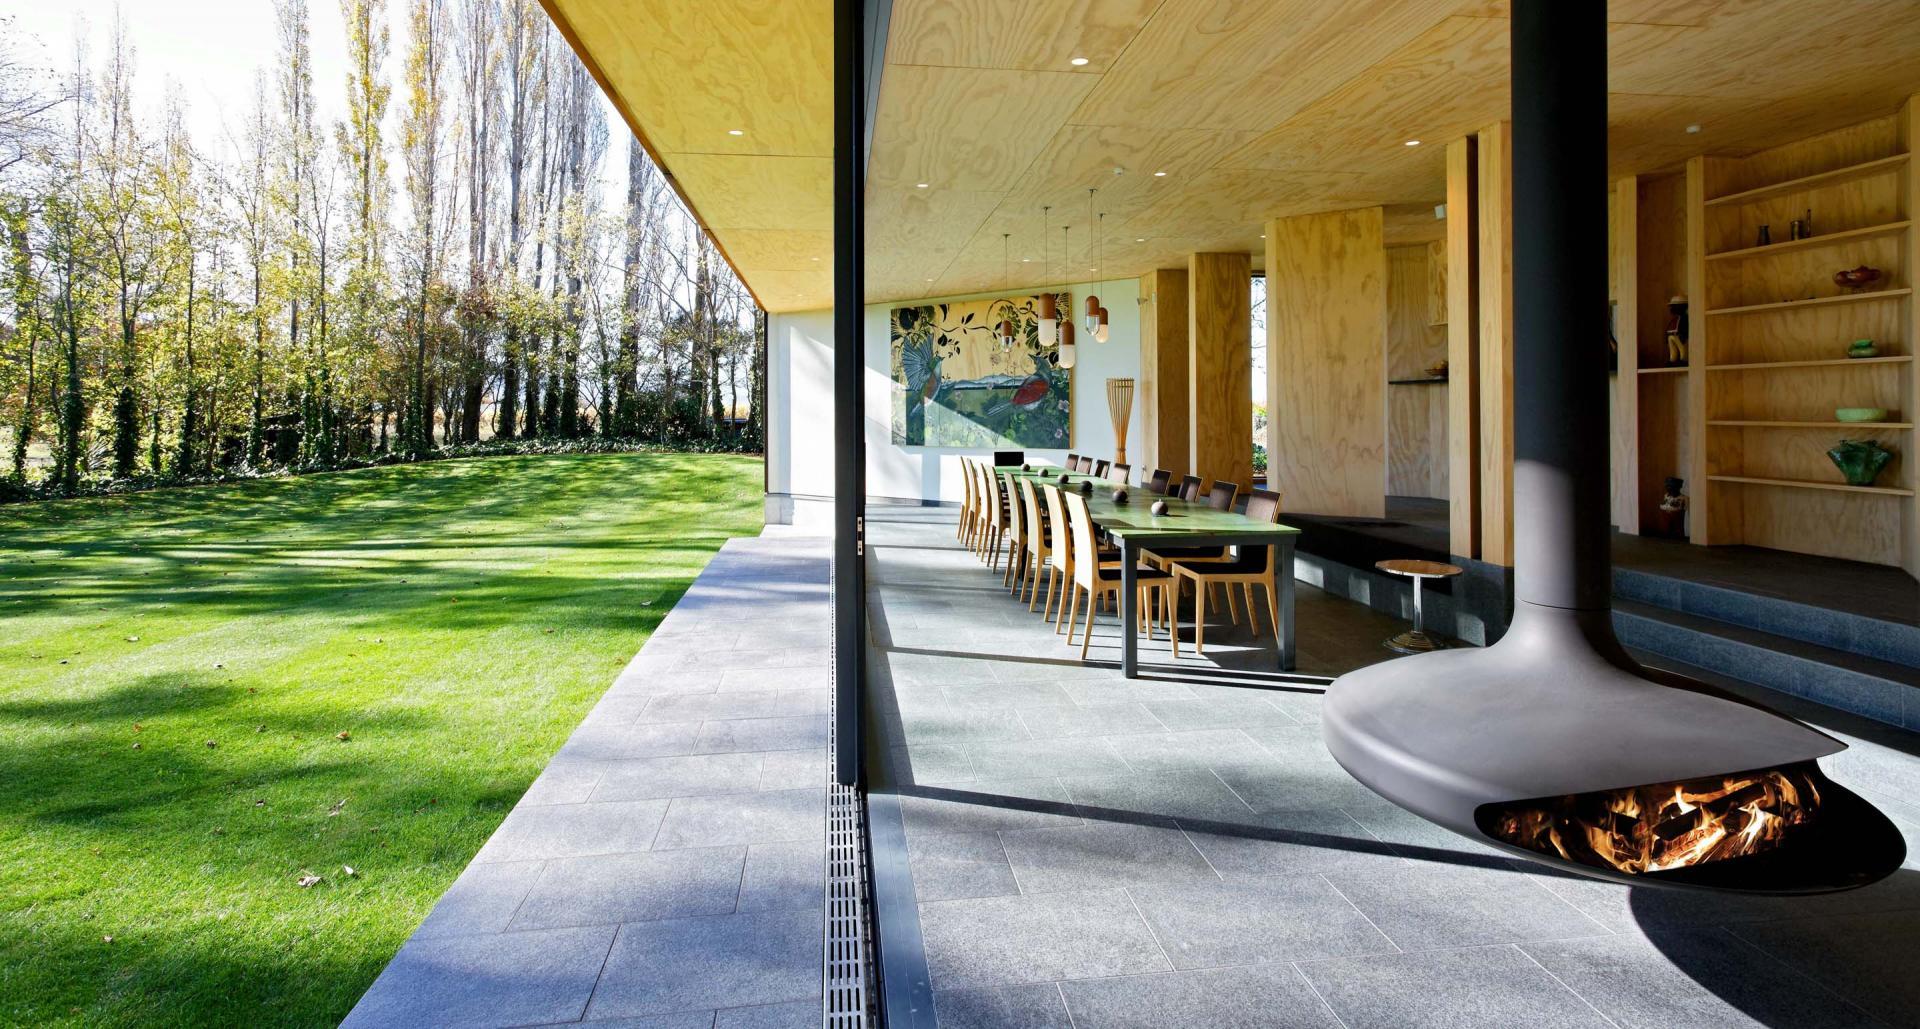 Кухня-гостиная с камином в интерьере частной резиденции